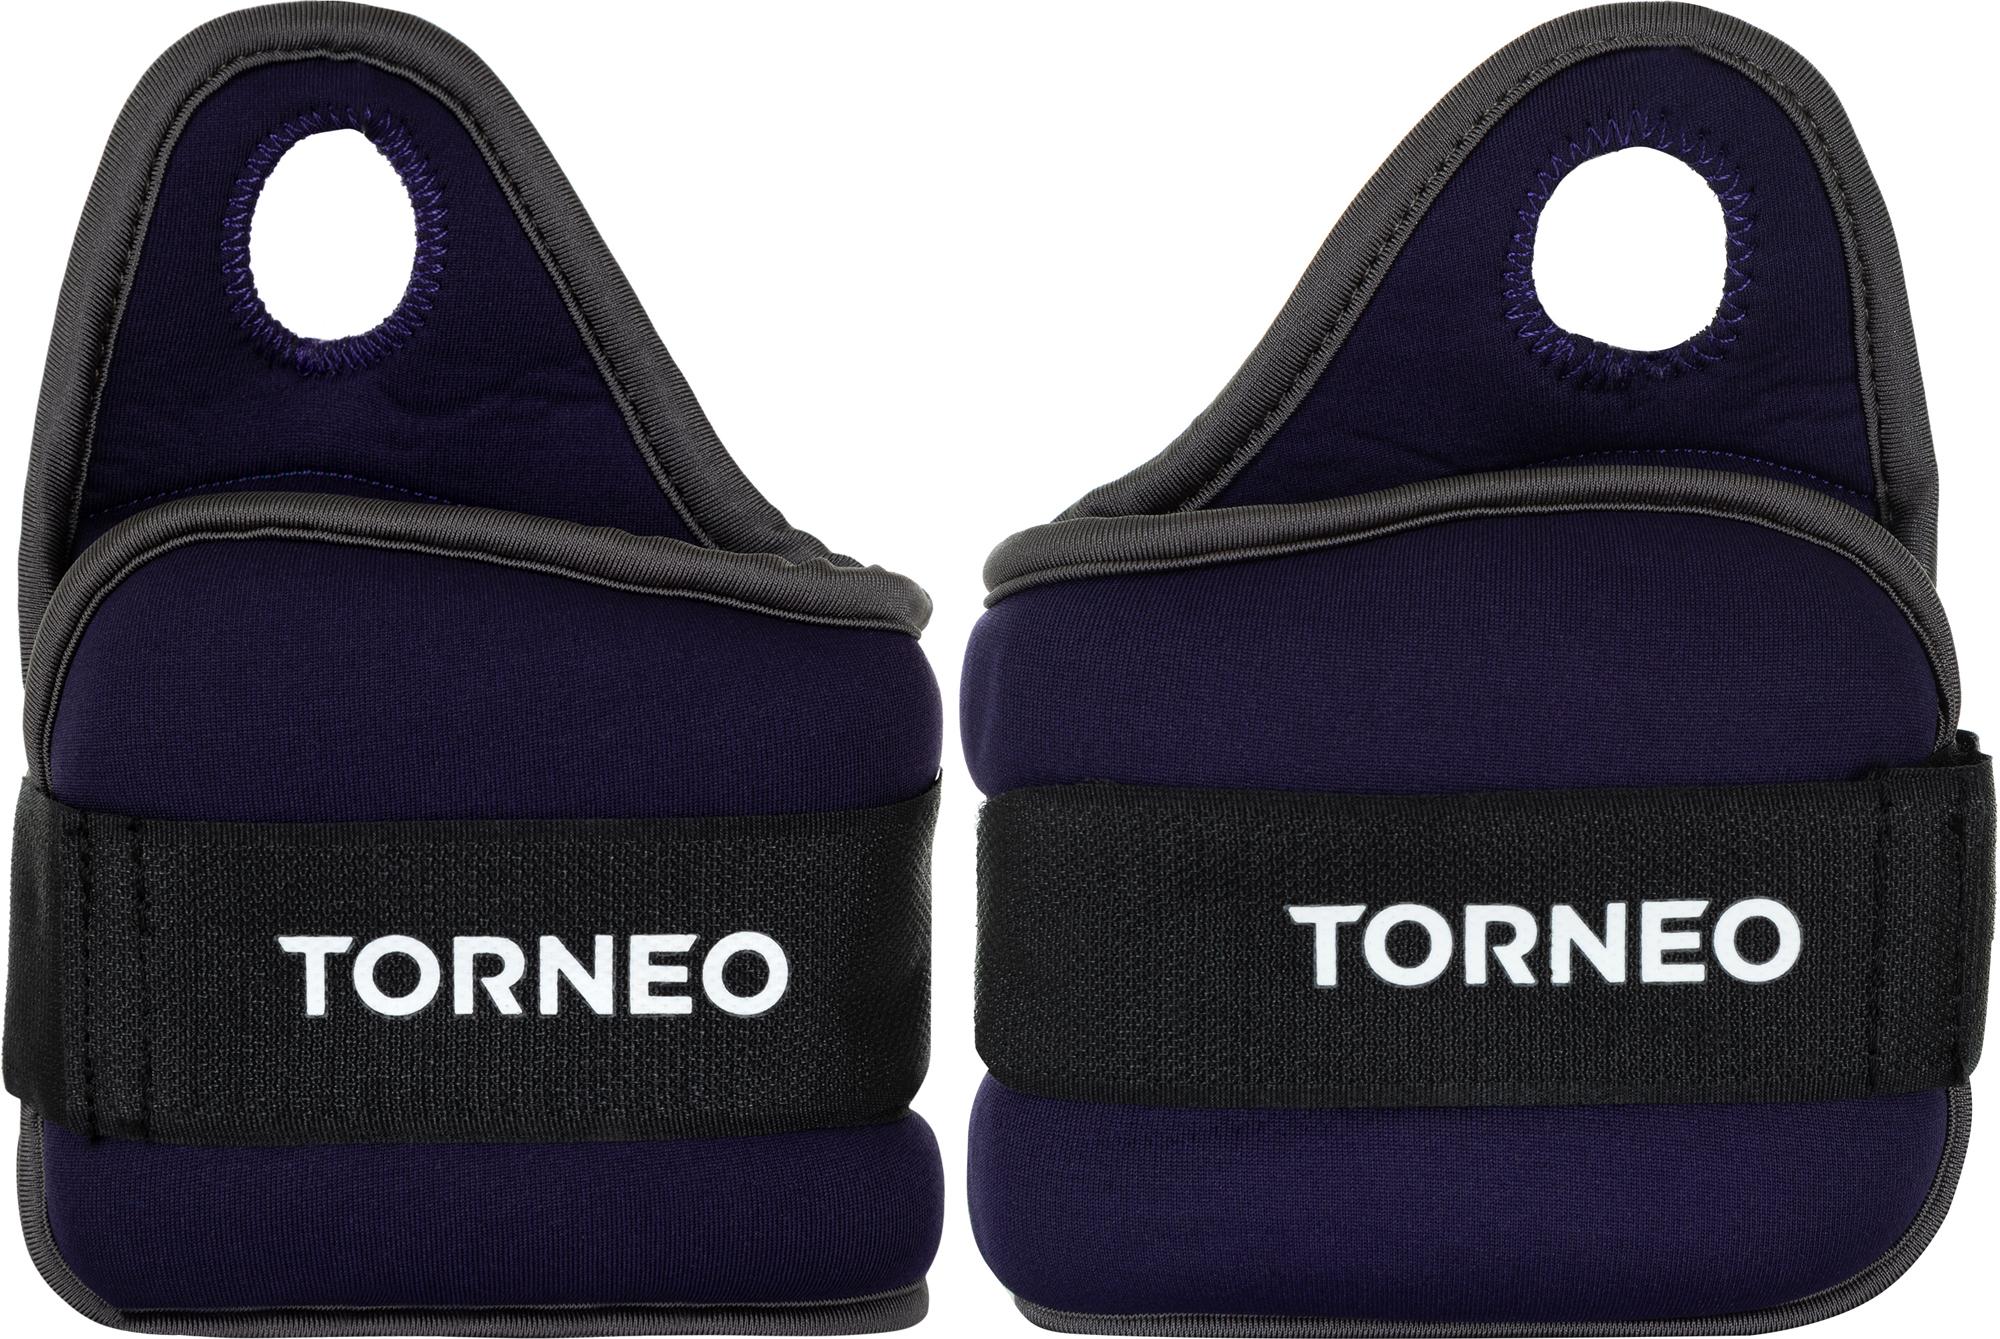 Torneo Утяжелители Torneo, 2 х 1,5 кг